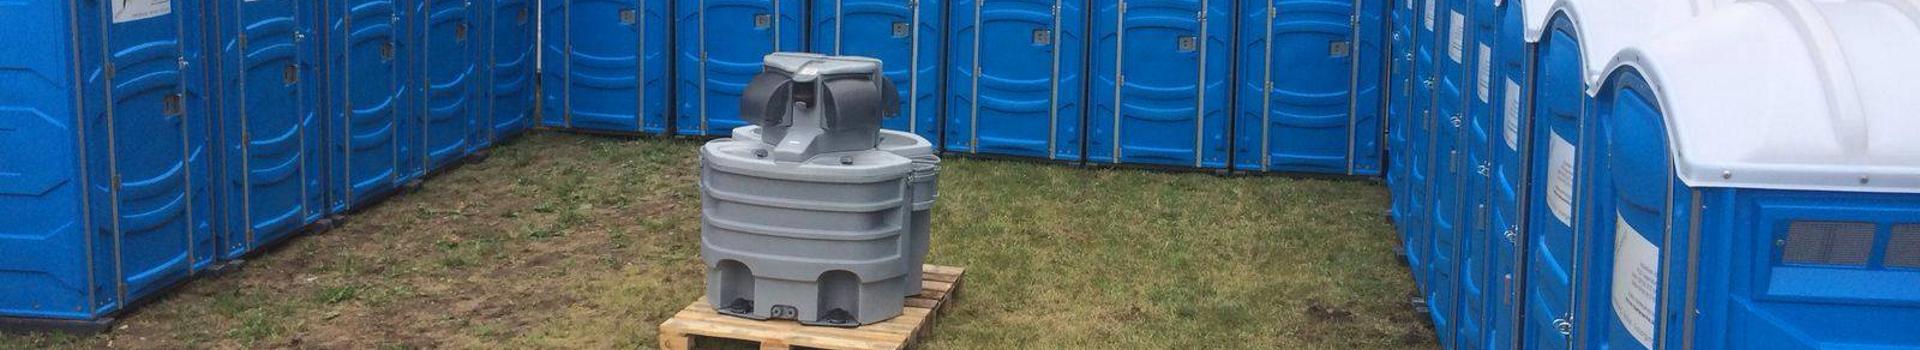 Stenz-Toiletten-Service-Handwaschbecken-vermietung